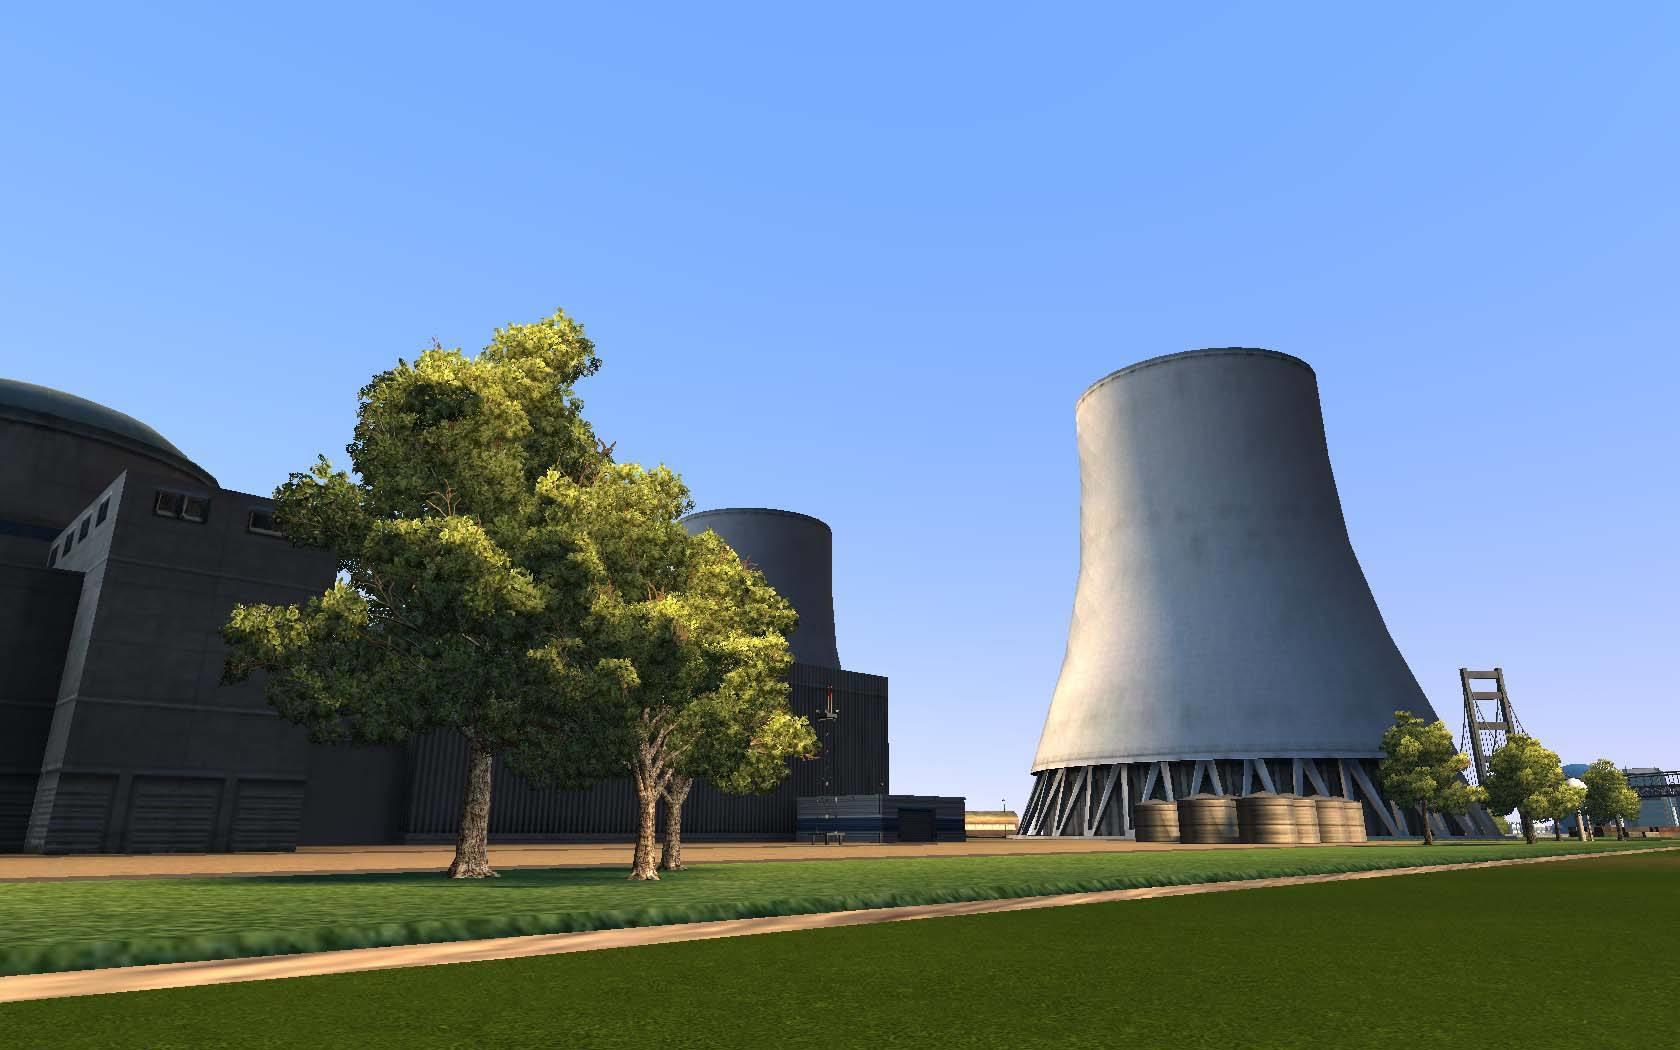 2019年我国大陆运行核电机组共47台